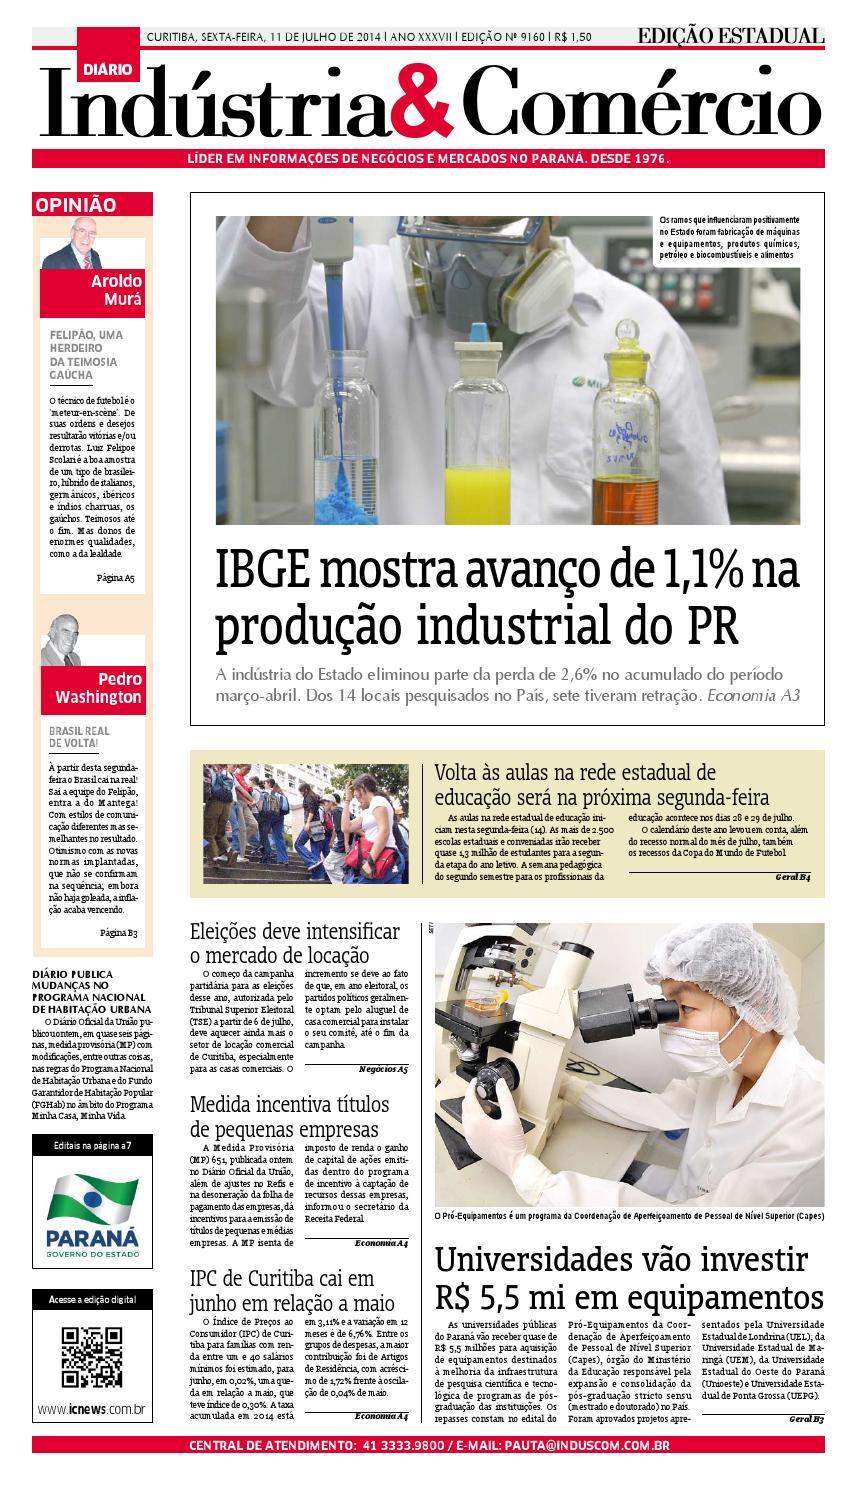 9253587bf Diário Indústria Comércio by Diário Indústria   Comércio - issuu